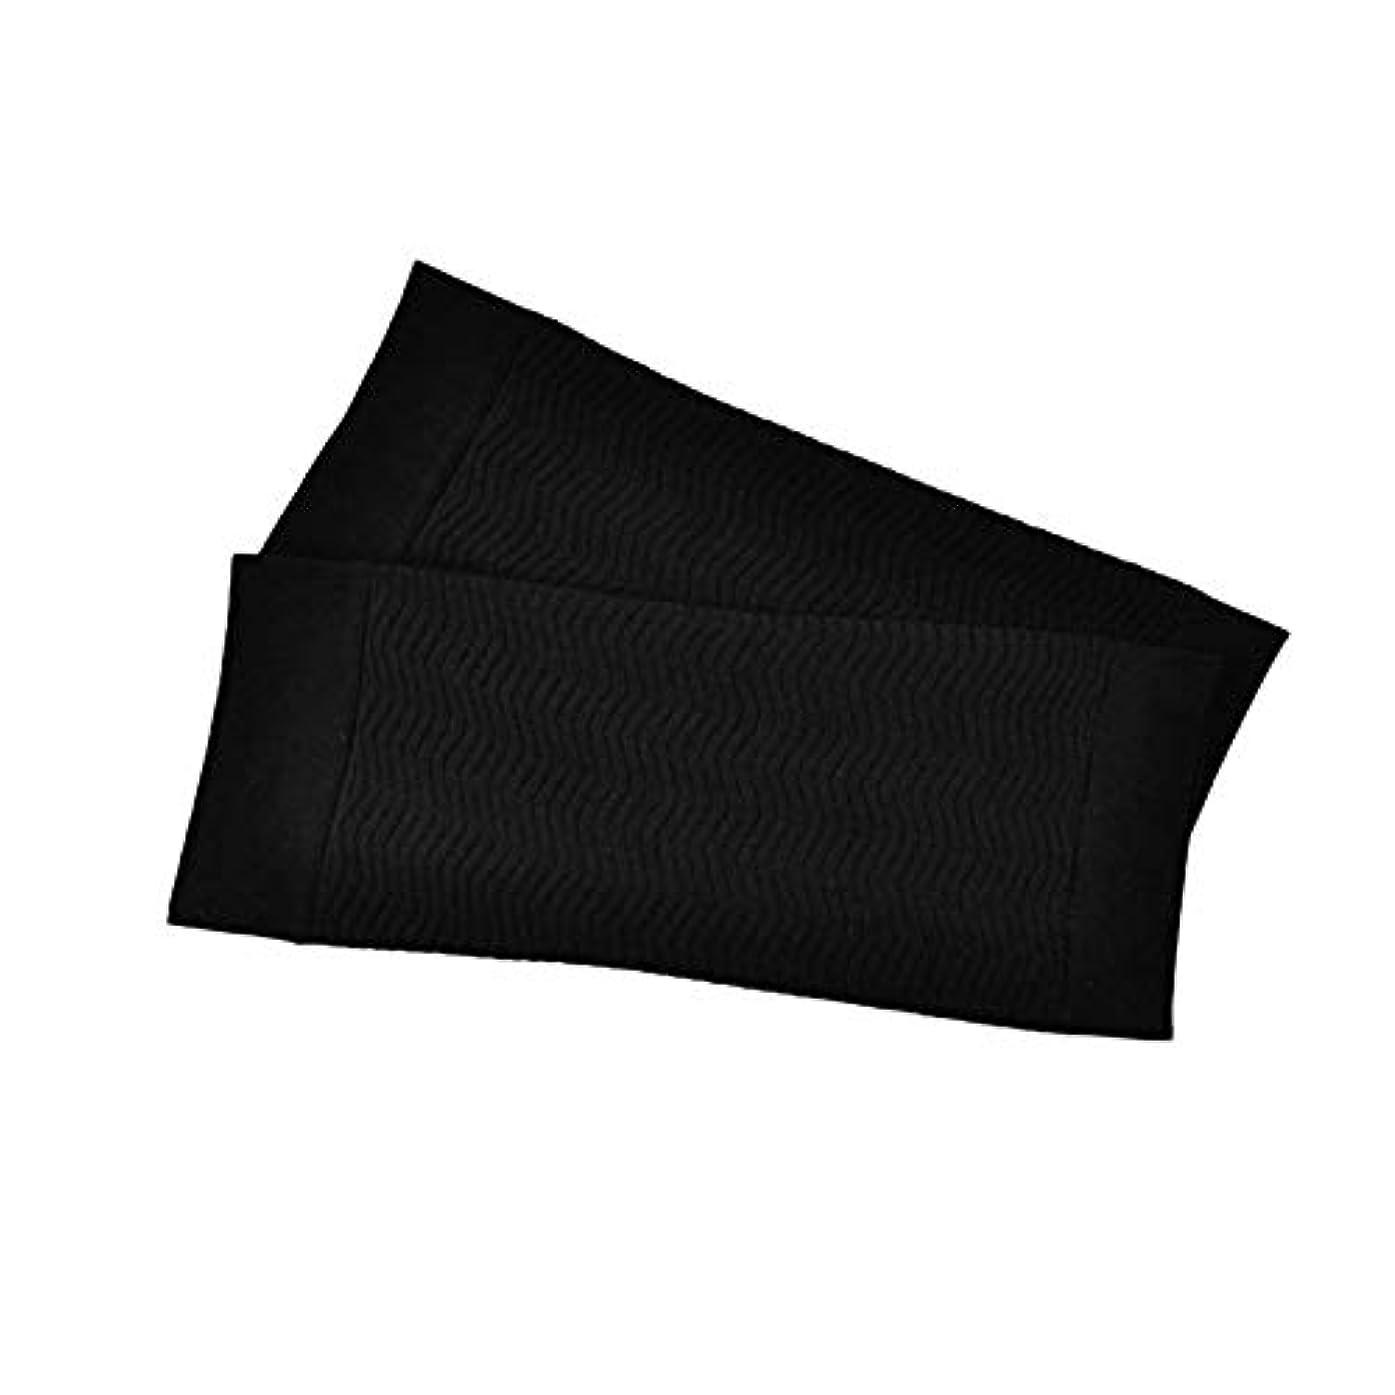 引き付けるチキン排出1ペア680 D圧縮アームシェイパーワークアウトトーニングバーンセルライトスリミングアームスリーブ脂肪燃焼半袖用女性 - ブラック